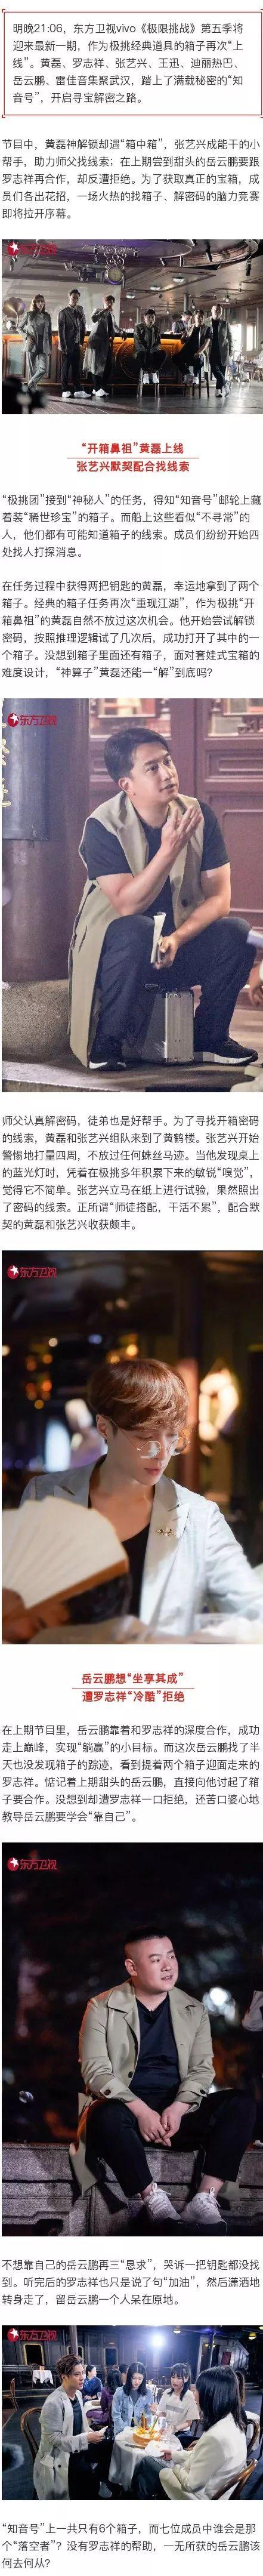 """黄磊张艺兴默契搭档,岳云鹏""""恳求""""遭拒"""